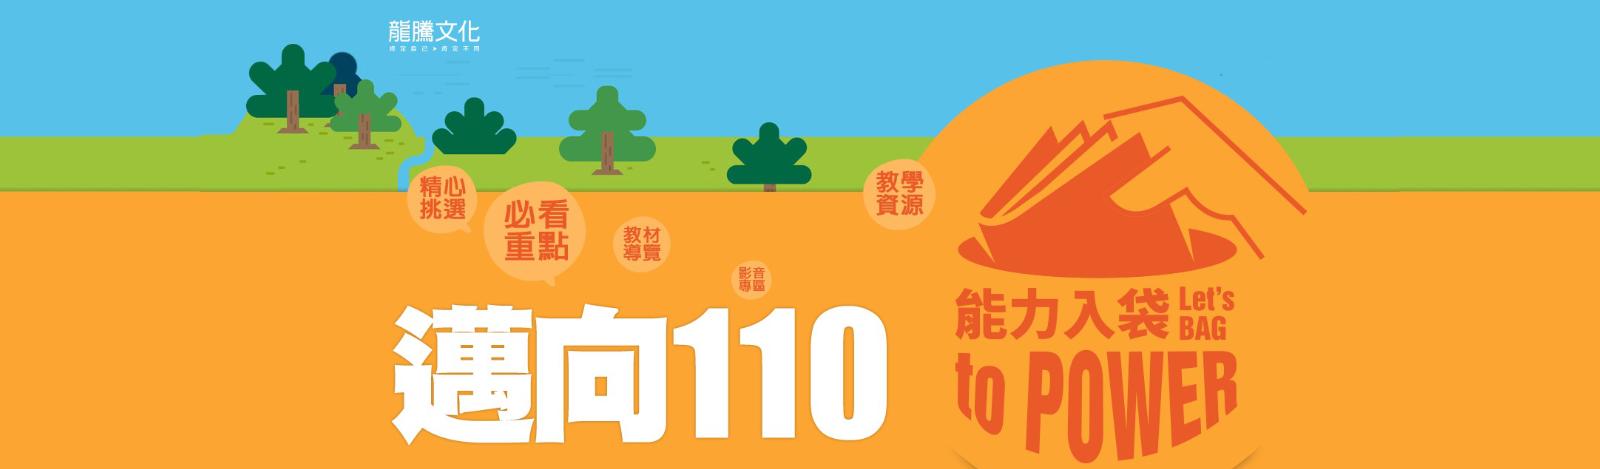 邁向110教學資源